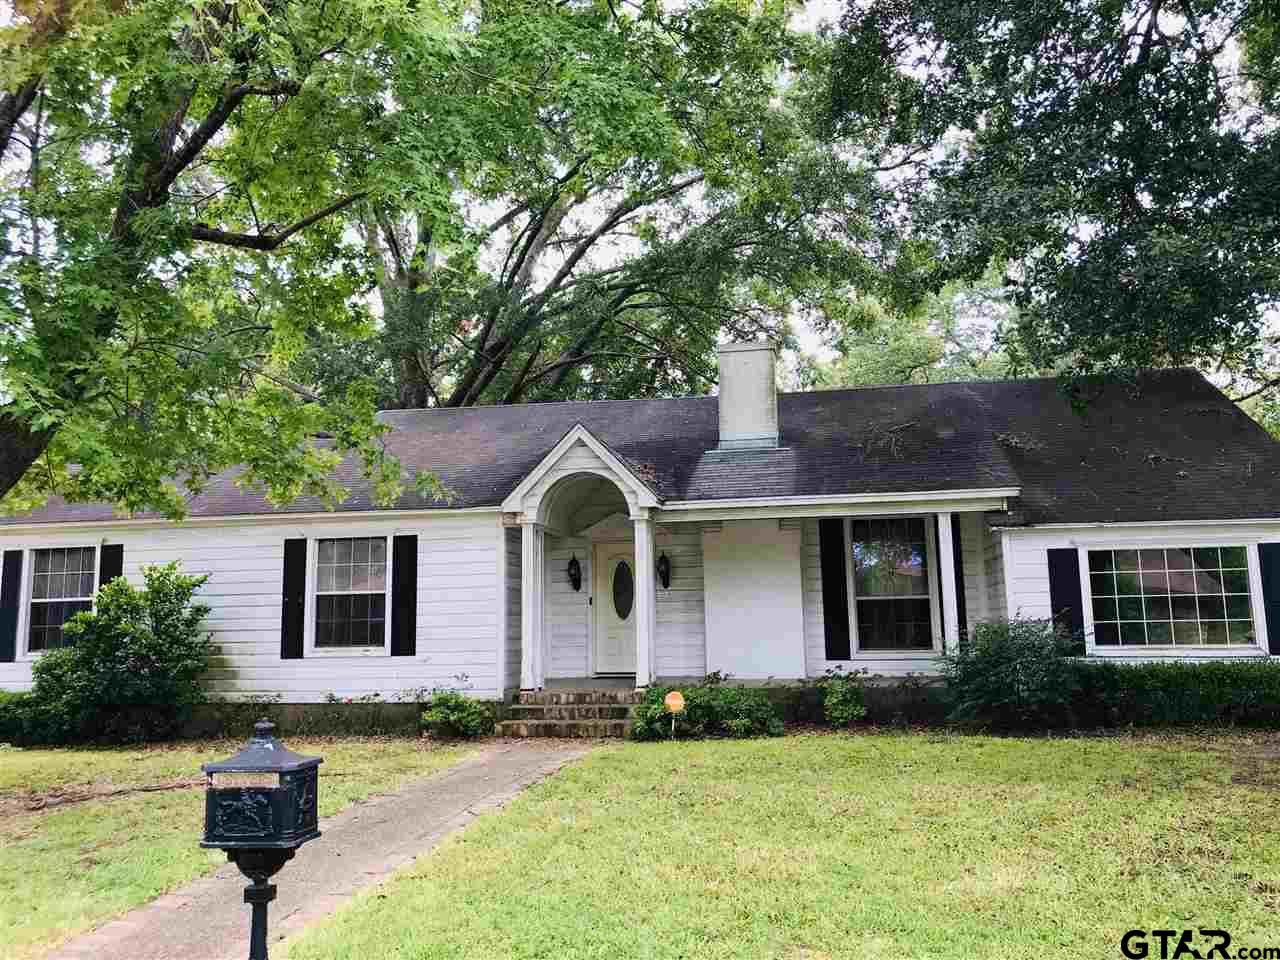 Clements Realtors® - Winnsboro Texas - 903-342-5245